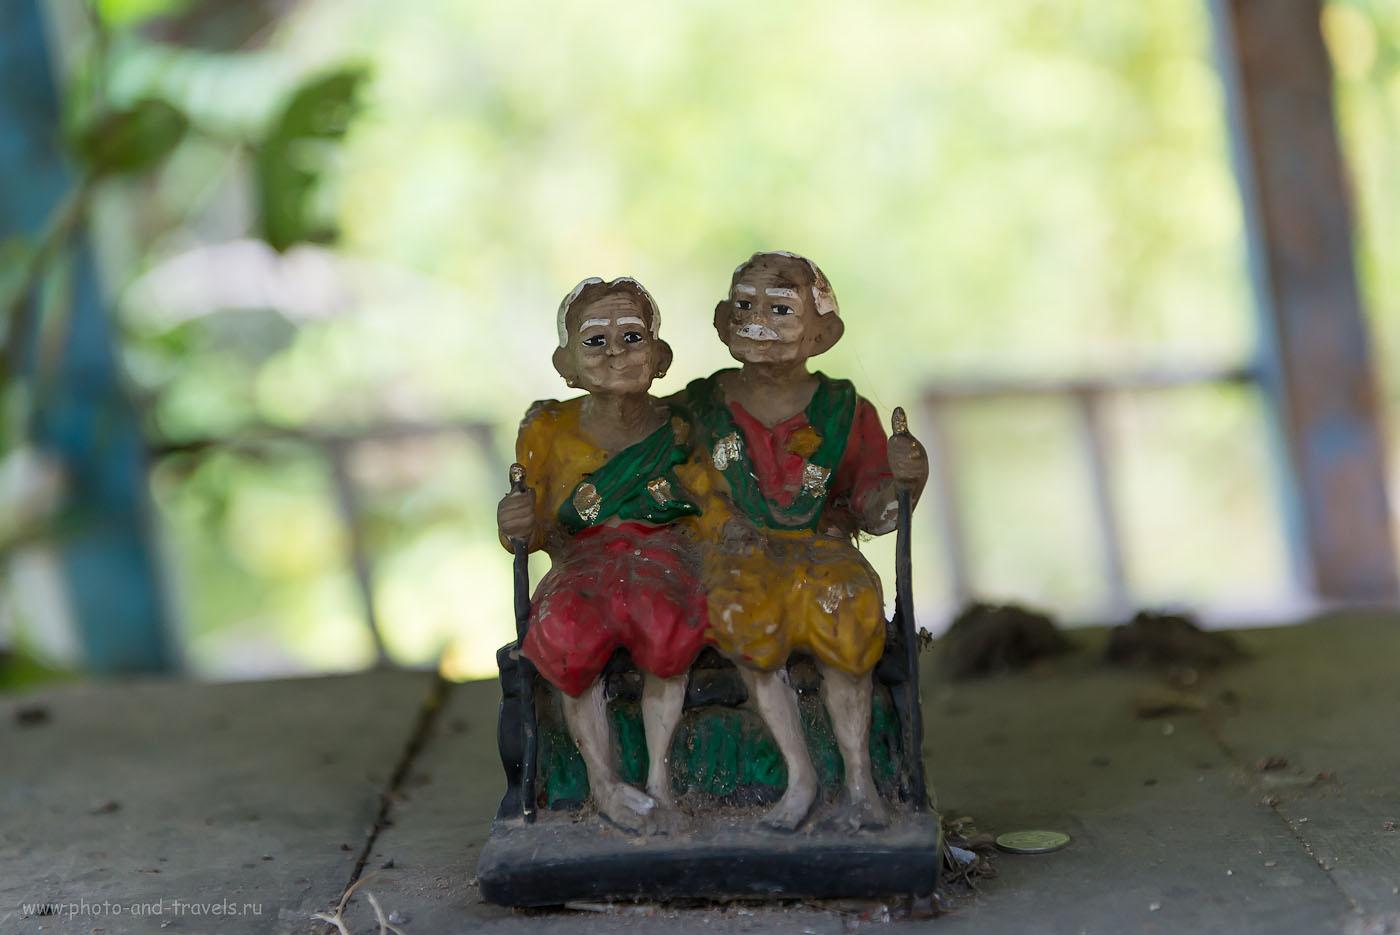 Фото 3. Золотая свадьба. Отчет о восхождении на смотровую площадку Khao Daeng Viewpoint  в окрестностях Хуахина. Экскурсия в национальный парк  Кхао Сам Рой Йот в Таиланде. (640, 70, 2.8, 1/400)